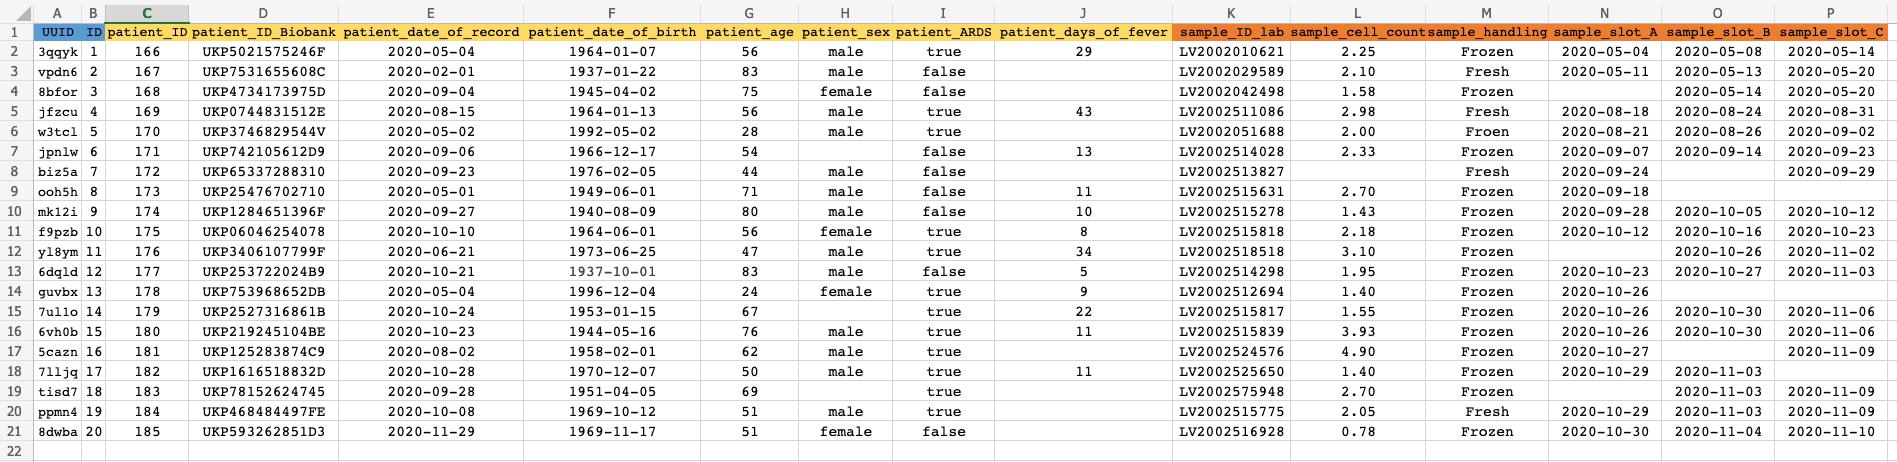 data sheet revised